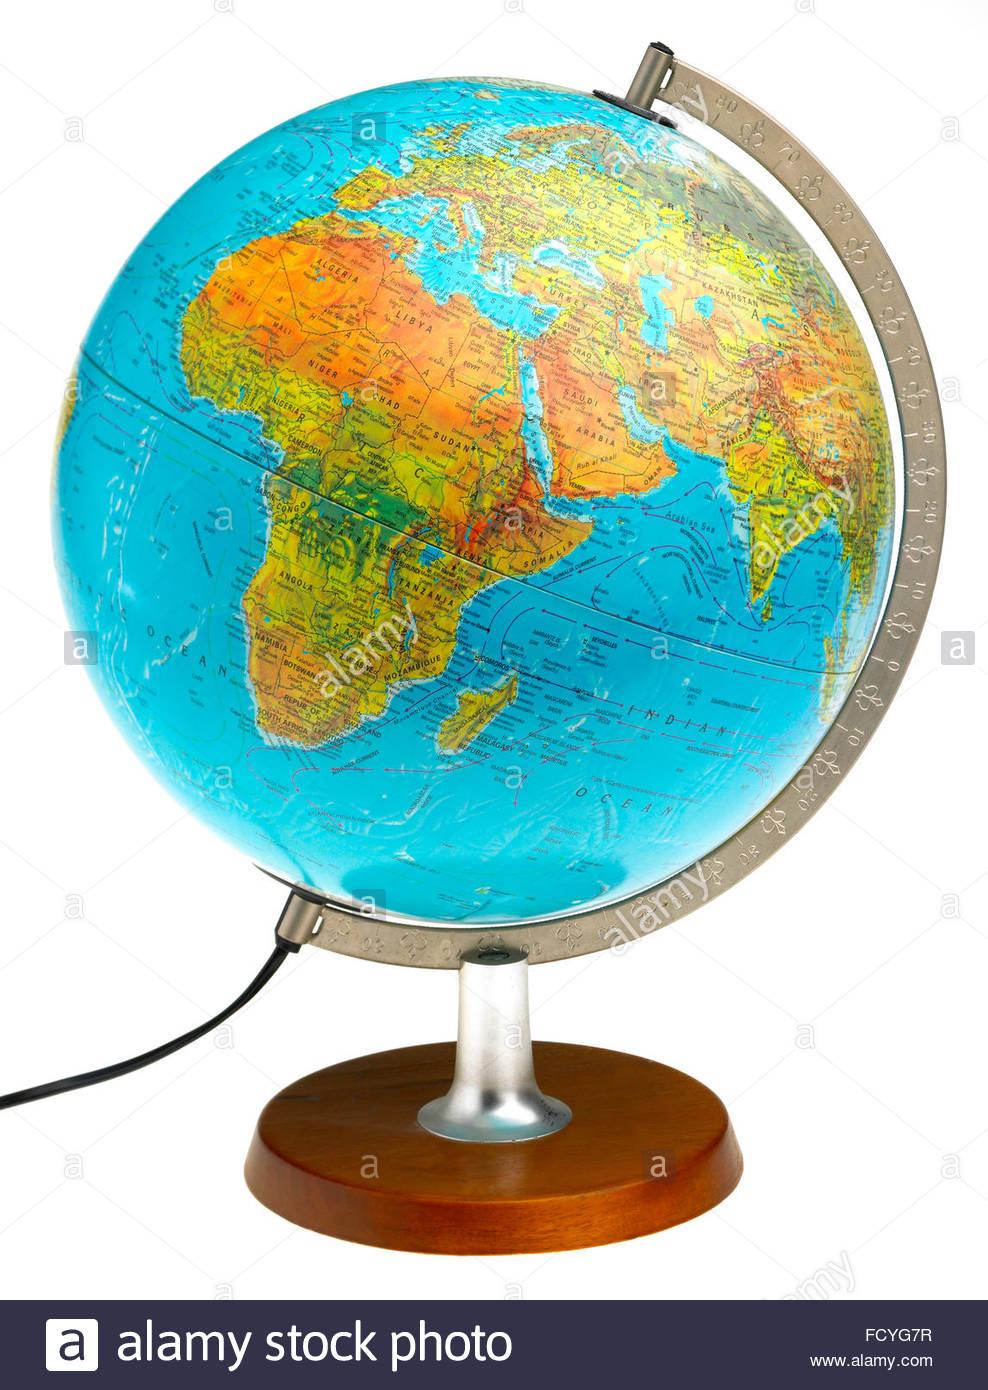 World whole globe illuminated map plastic and translucent world whole globe illuminated map plastic and translucent showing the equator europe and gumiabroncs Images